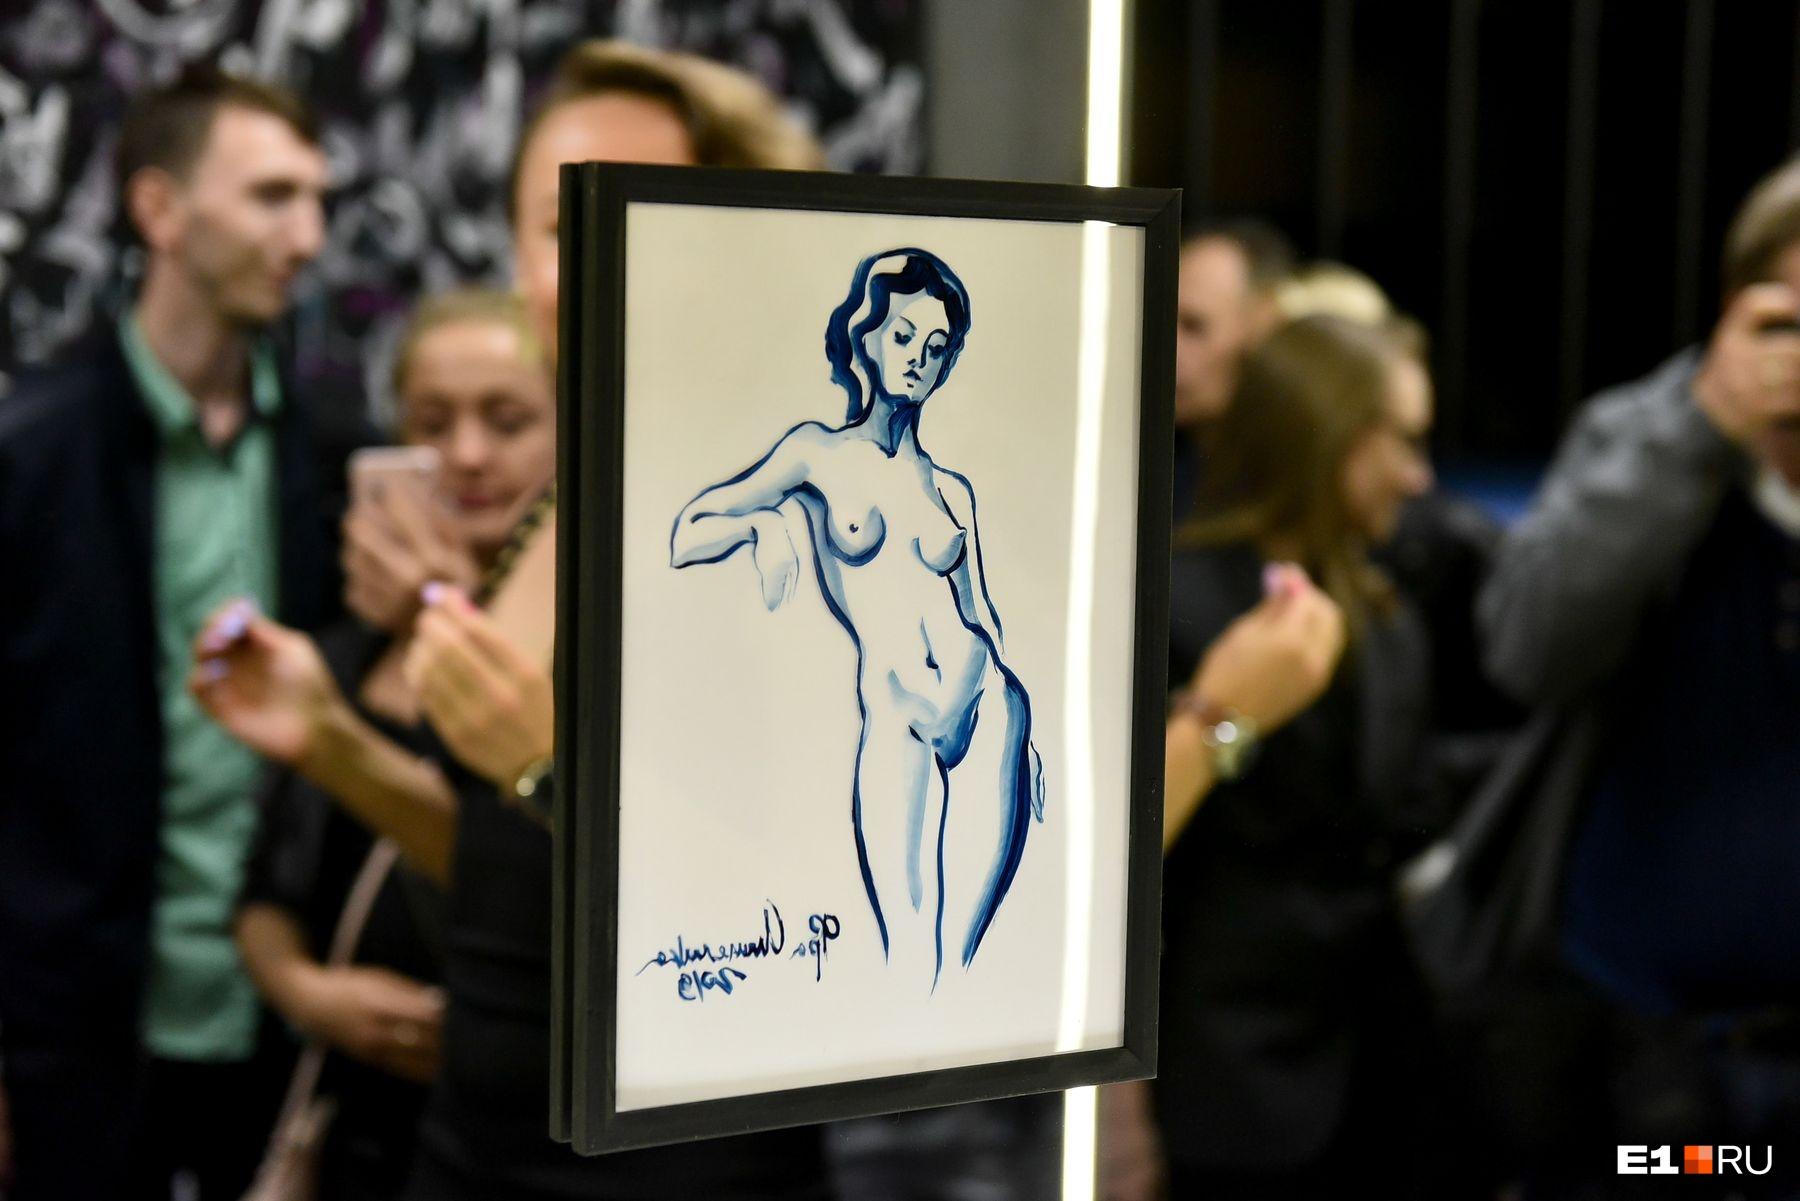 Здесь можно увидеть женскую грудь самых разных форм и размеров